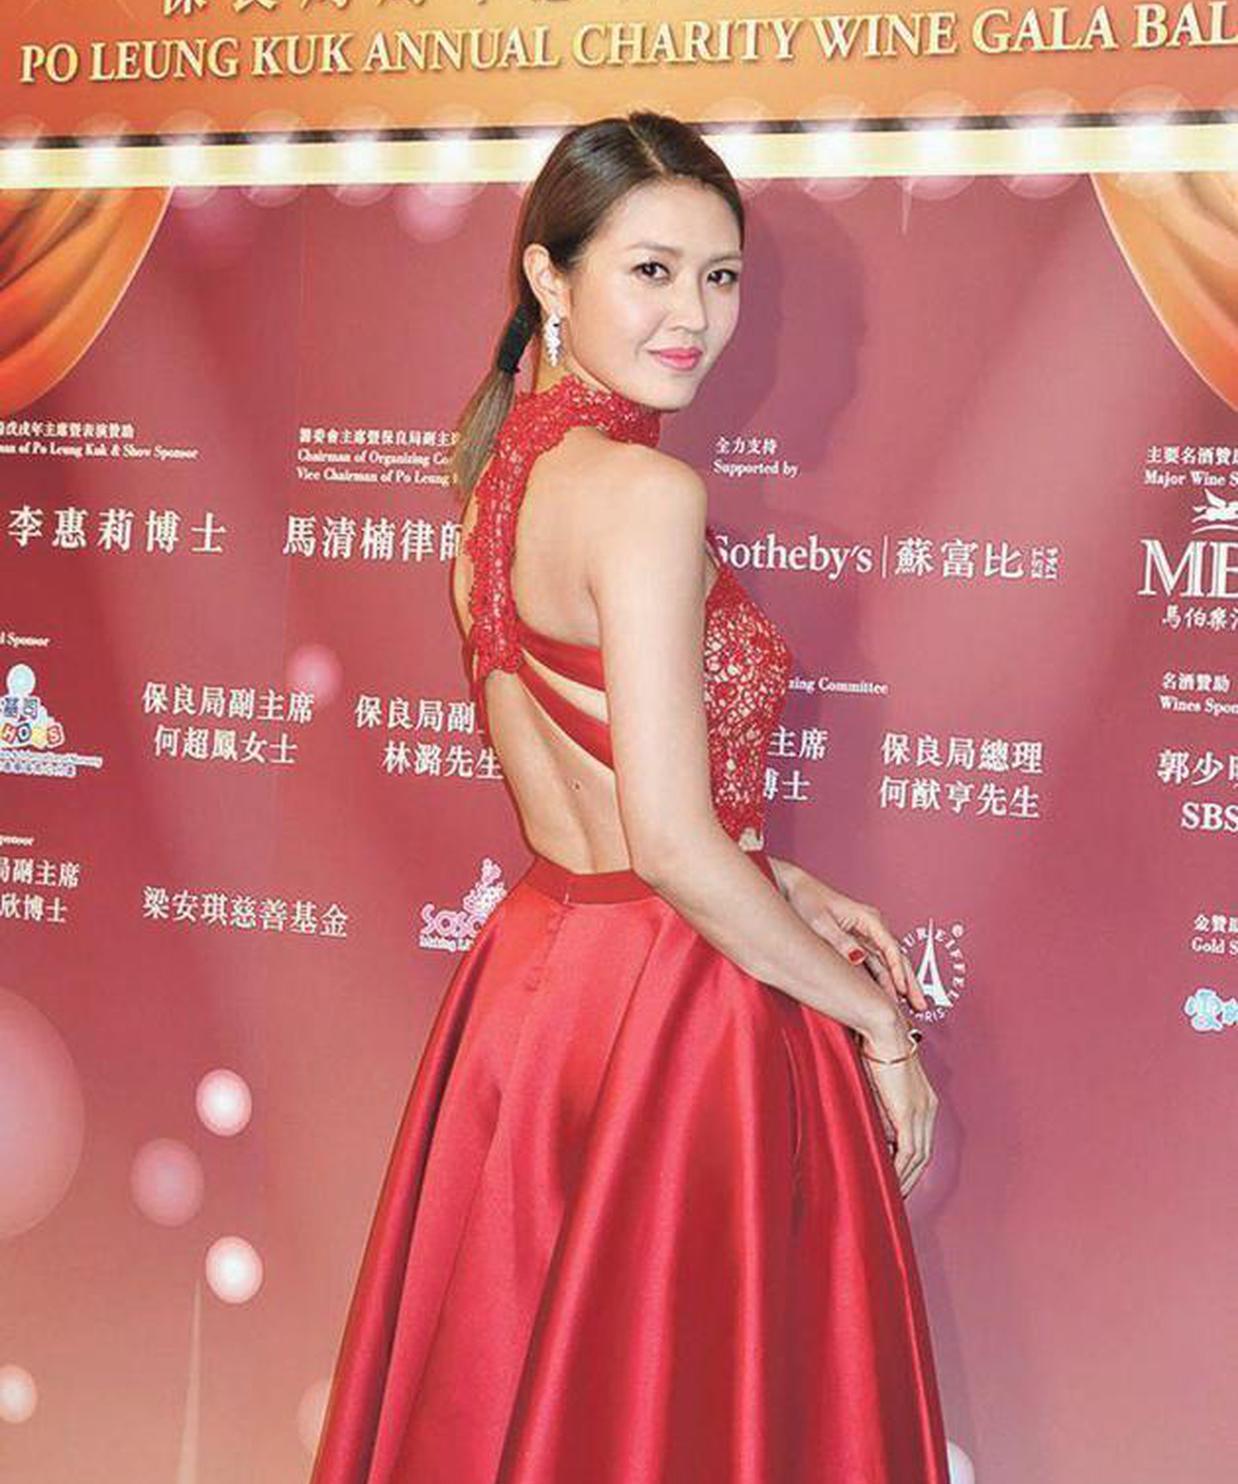 陈庭欣穿着鲜红露背晚装担任晚宴司仪。